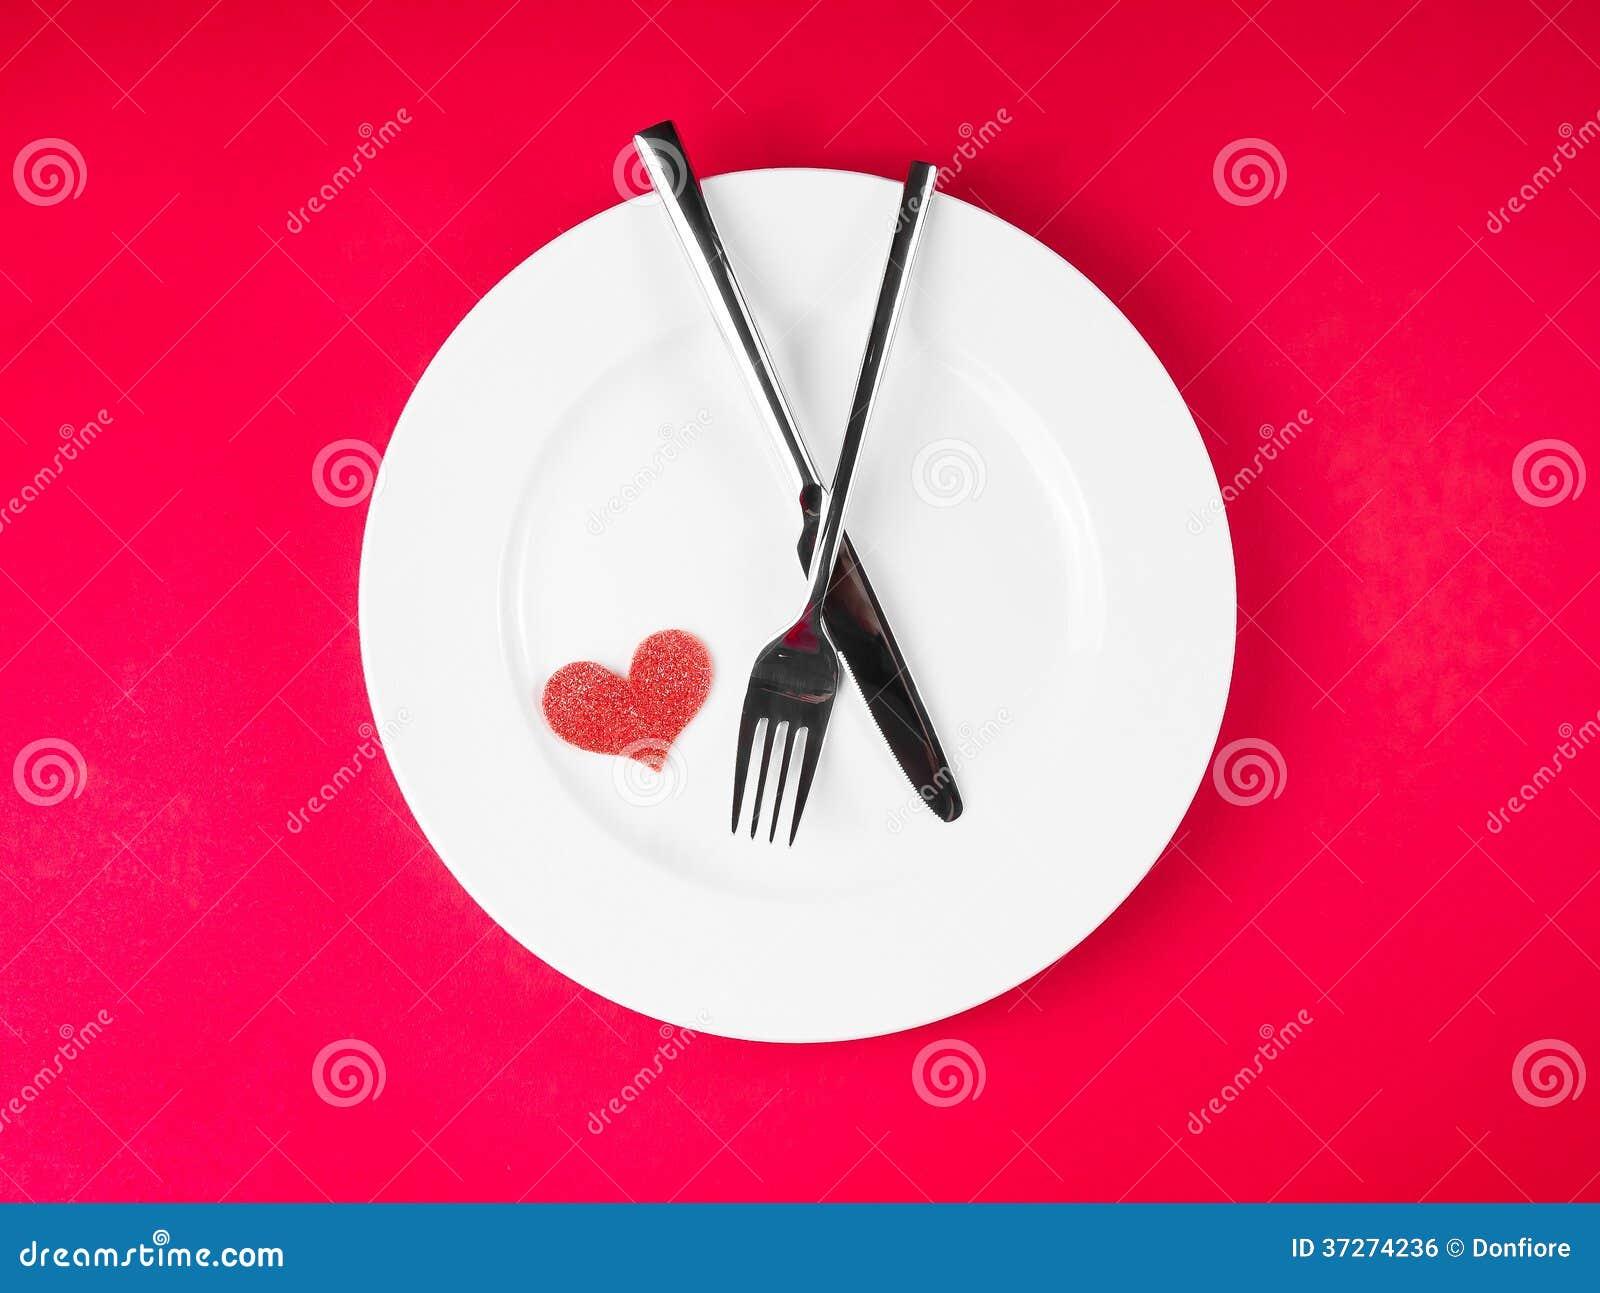 Série De Mensagens E Jantar De: Série Do Restaurante, Jantar Do Dia De São Valentim No